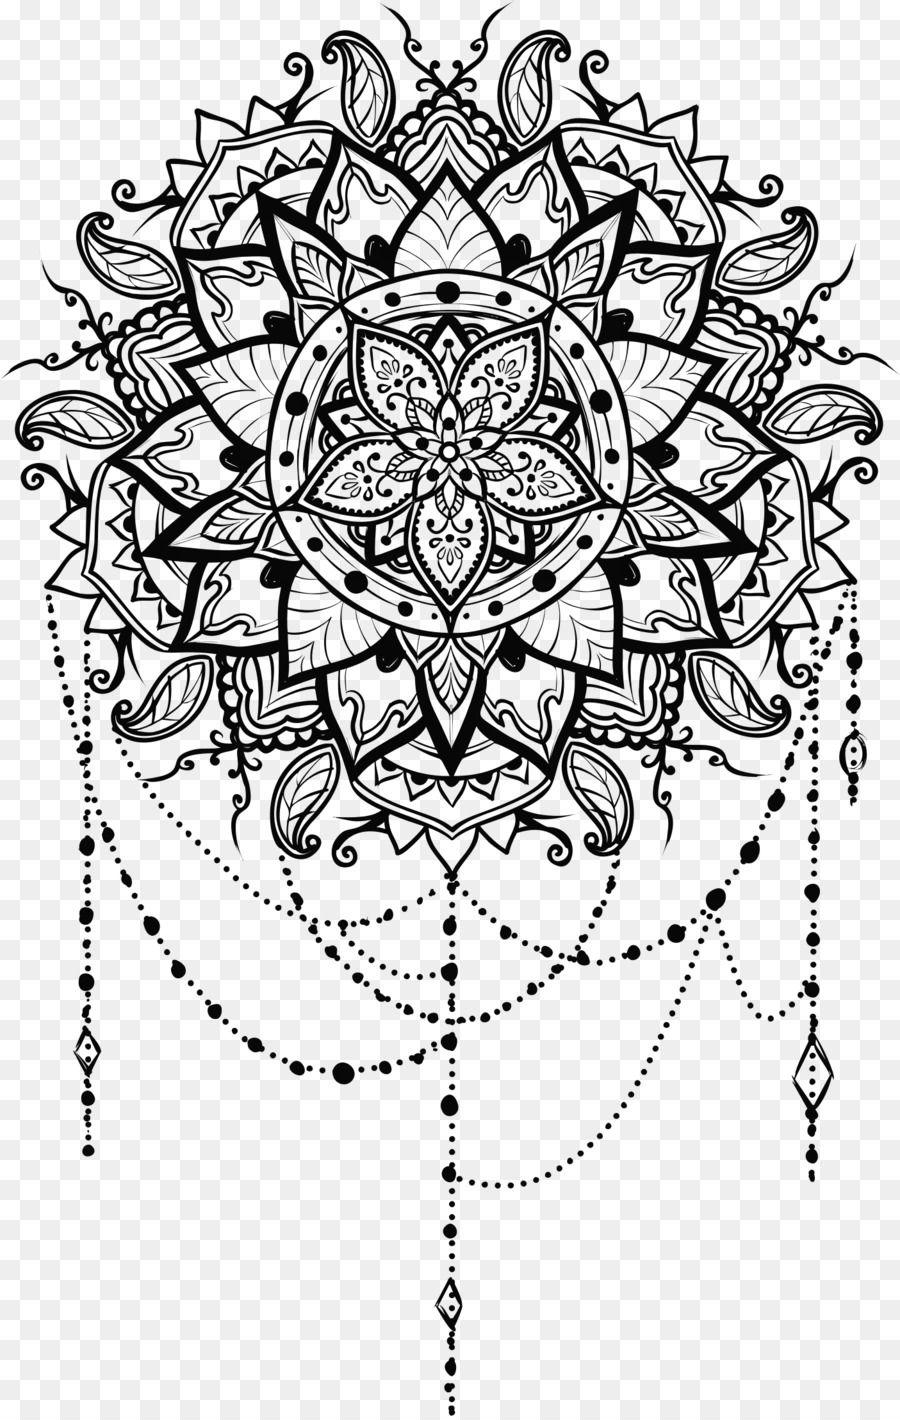 Line Art Mandala Drawing Ornament Om Mandala Tattoo Design Mandala Coloring Books Mandala Drawing